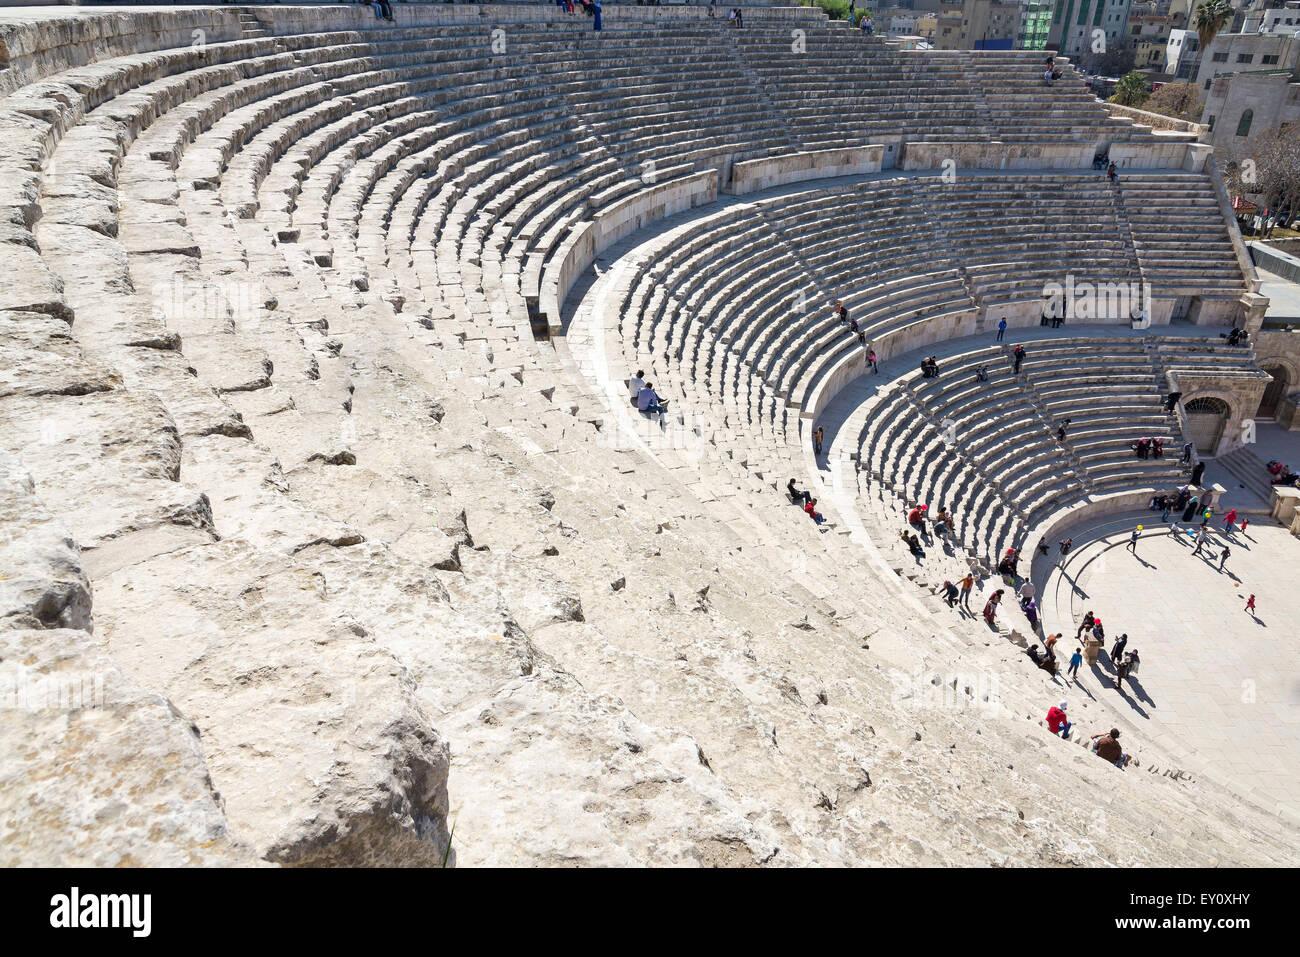 The Roman theater in Amman, Jordan. Stock Photo